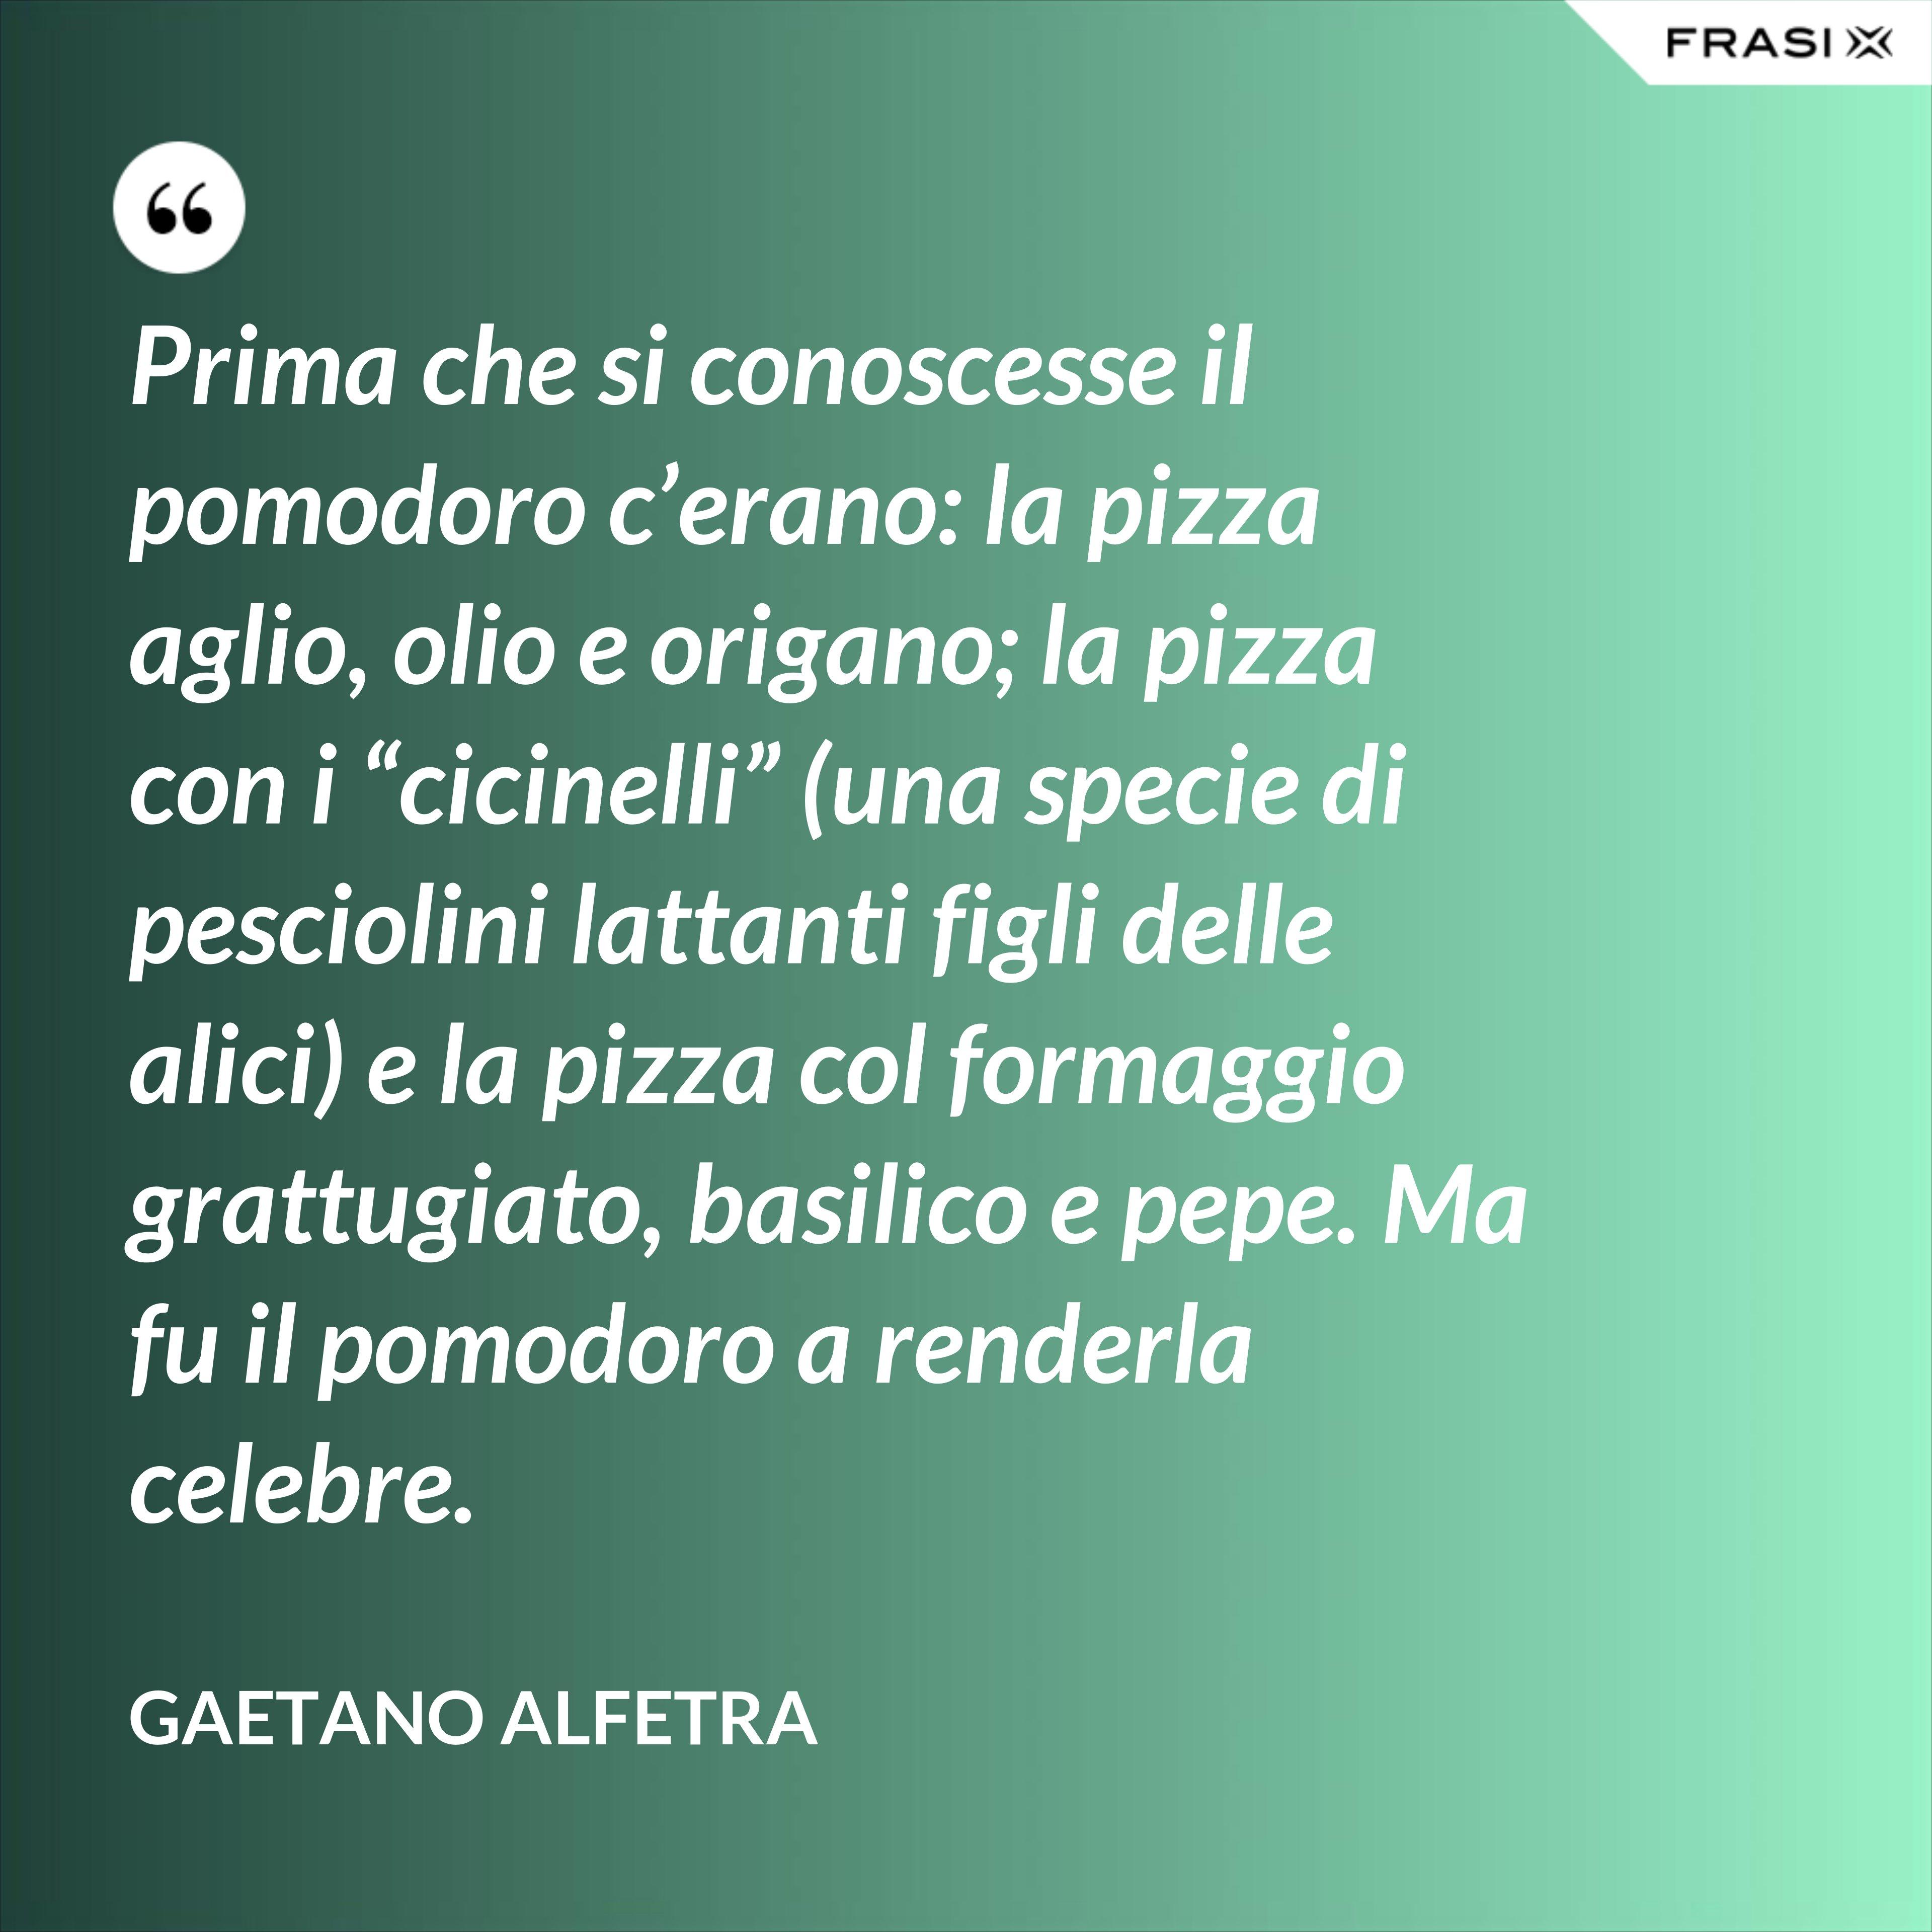 """Prima che si conoscesse il pomodoro c'erano: la pizza aglio, olio e origano; la pizza con i """"cicinelli"""" (una specie di pesciolini lattanti figli delle alici) e la pizza col formaggio grattugiato, basilico e pepe. Ma fu il pomodoro a renderla celebre. - Gaetano Alfetra"""